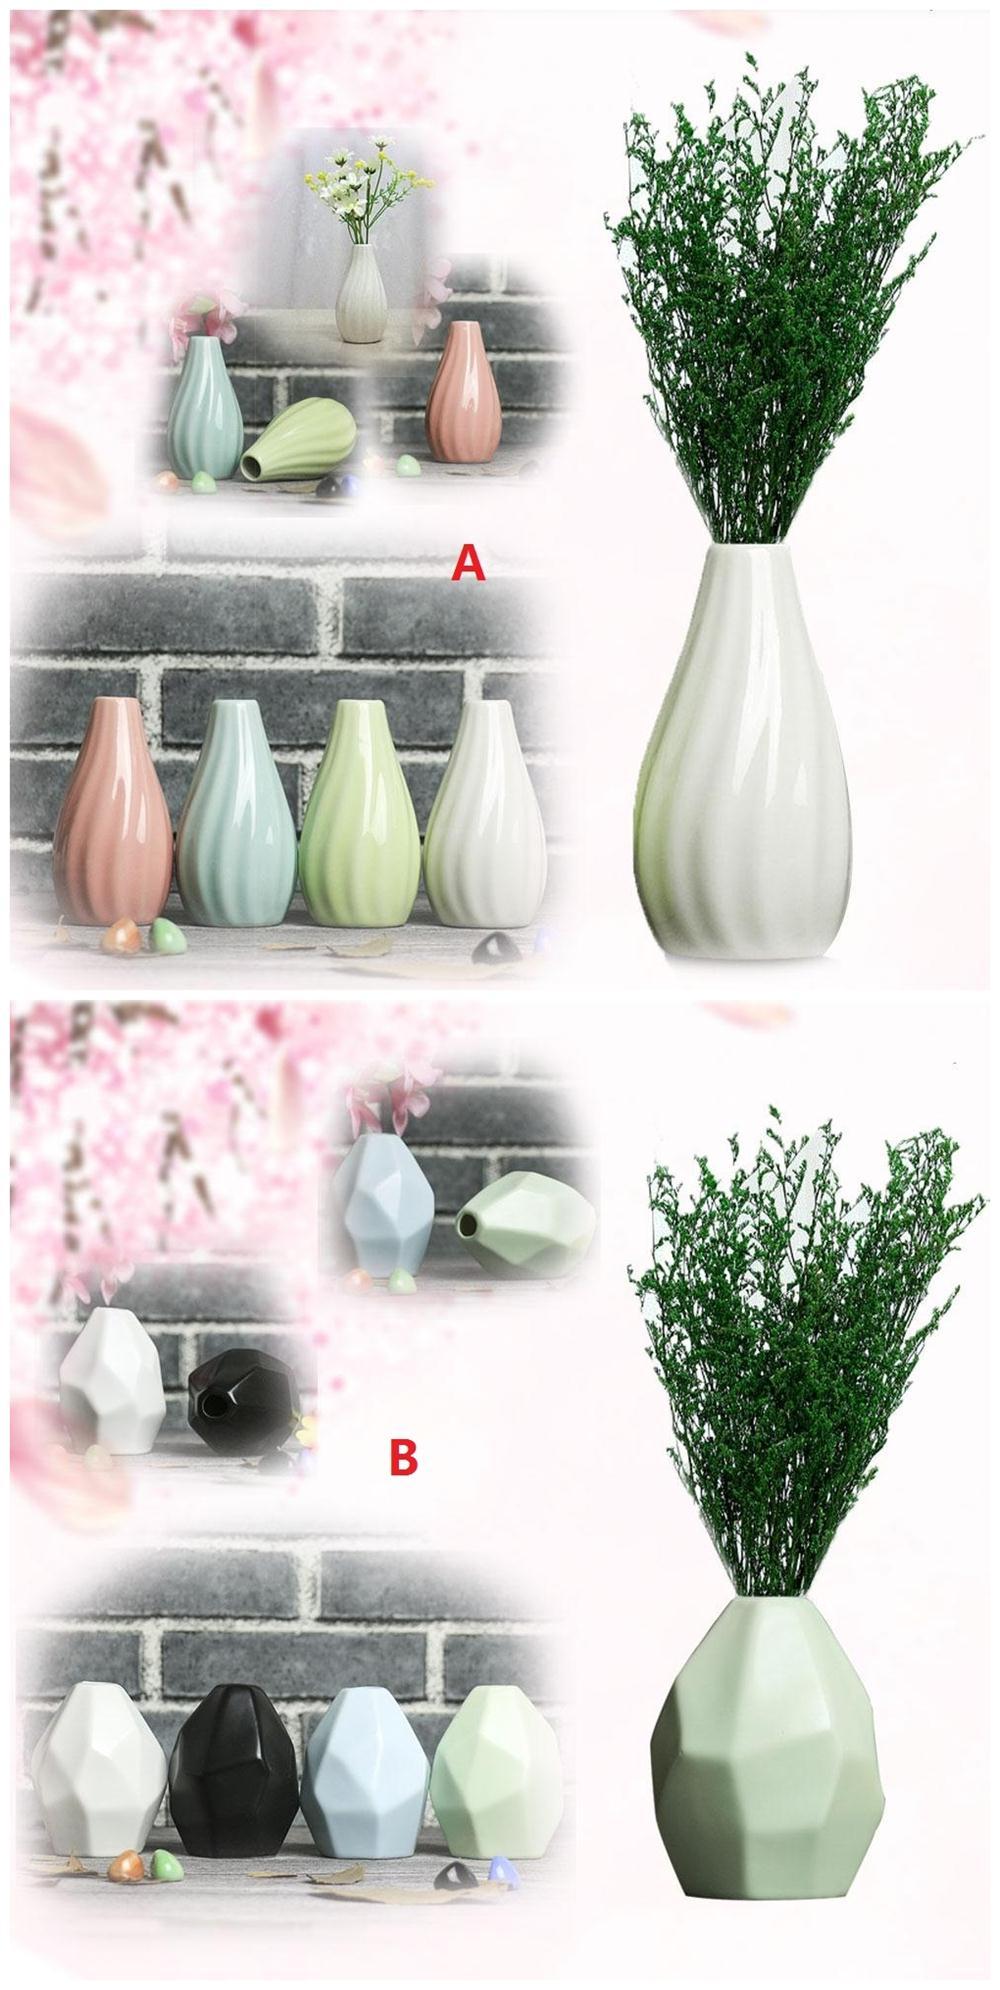 Цветочная ваза горшок для дома Цветочная композиция керамическая ваза в полоску классические свадебные офисные творческие украшения для дома Декор украшения